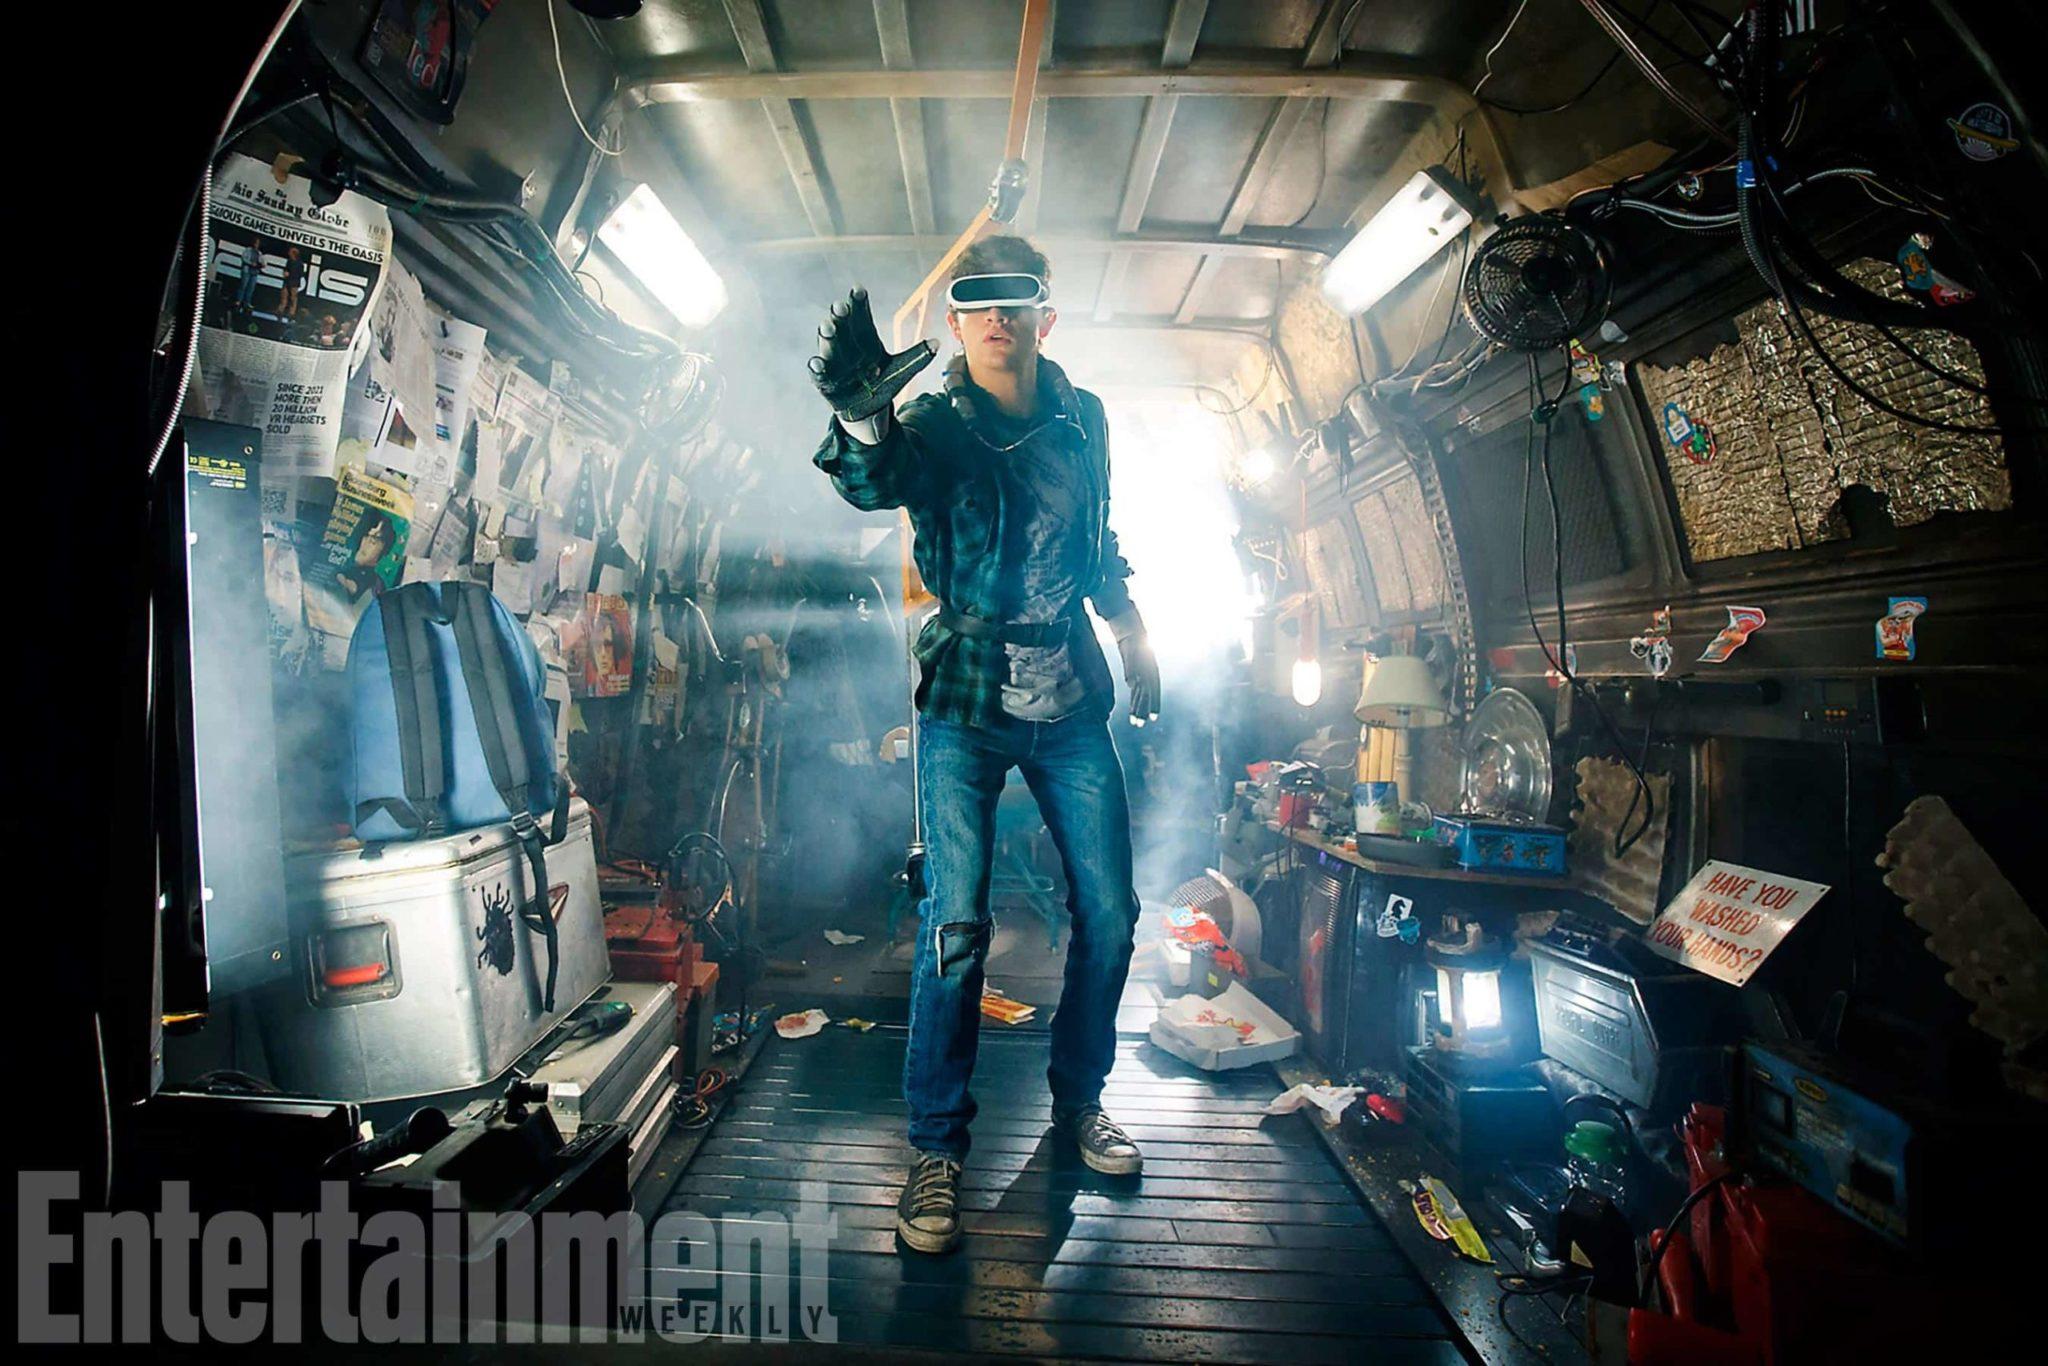 Steven Spielberg y Ready Player One se llevan la taquilla en EUA